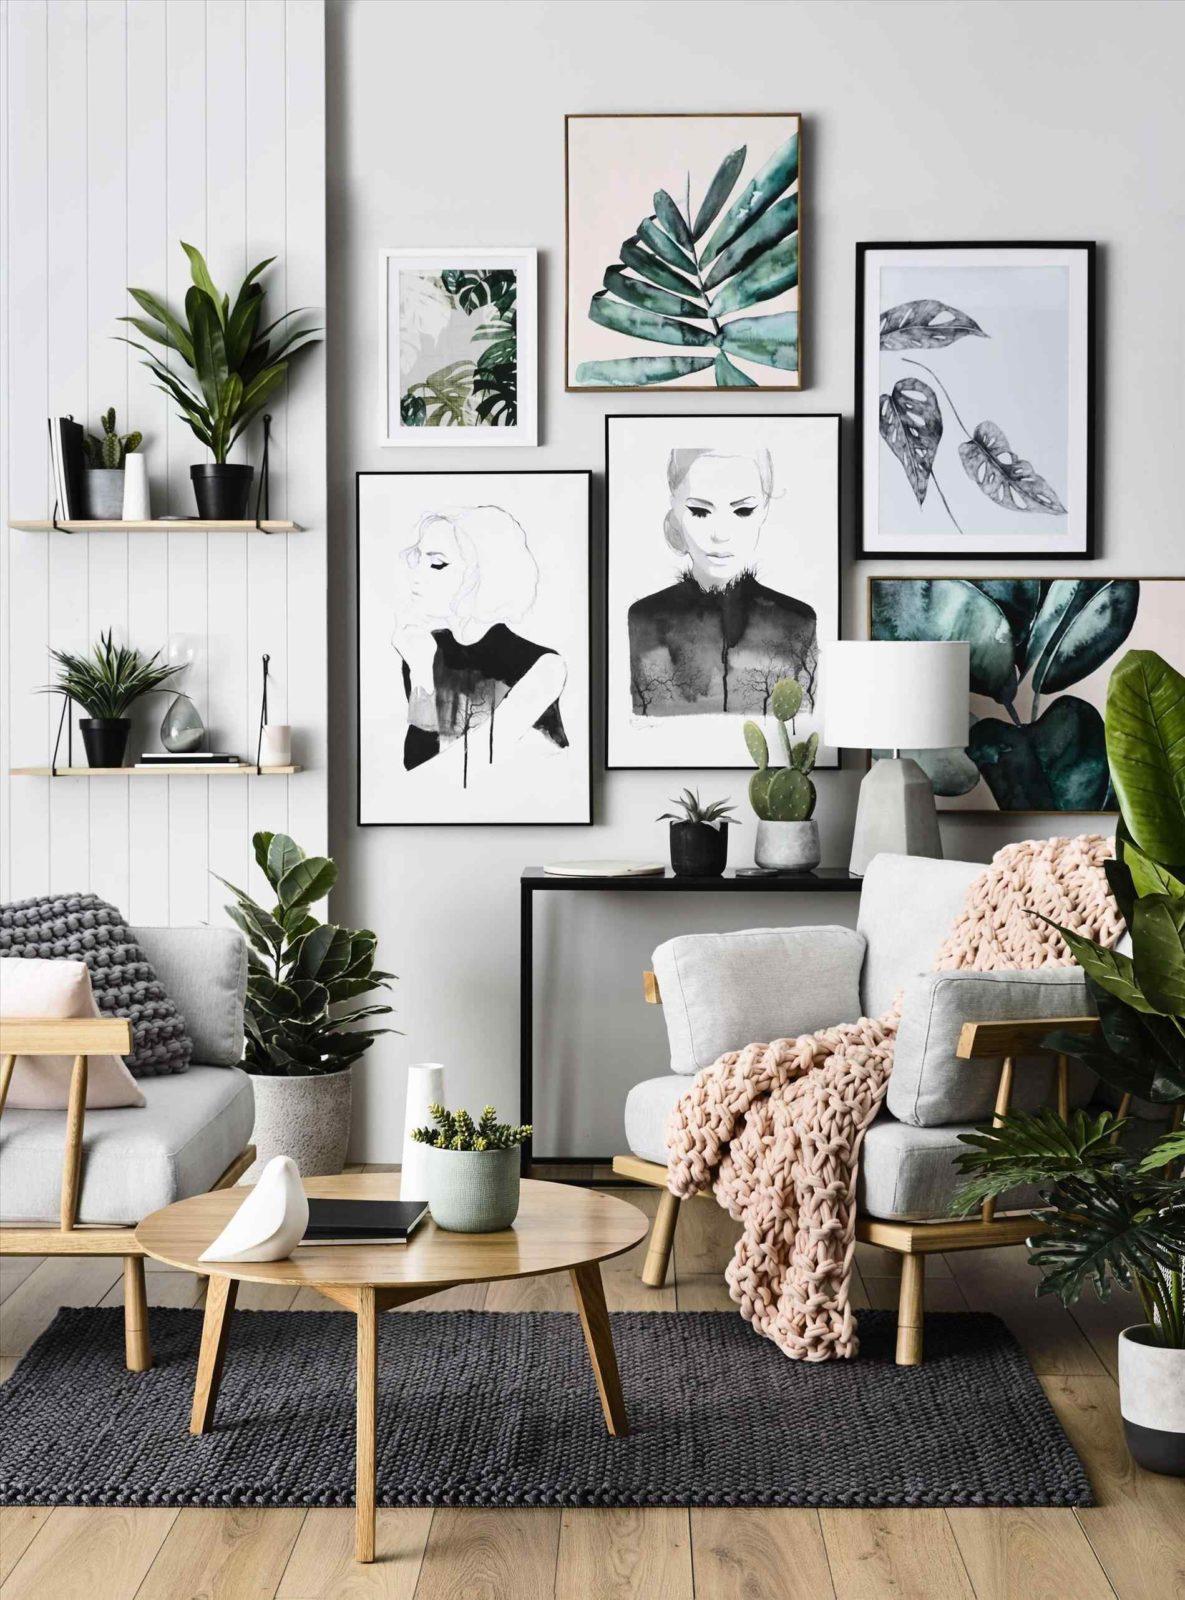 Постеры - тренд дизайна 2019 года